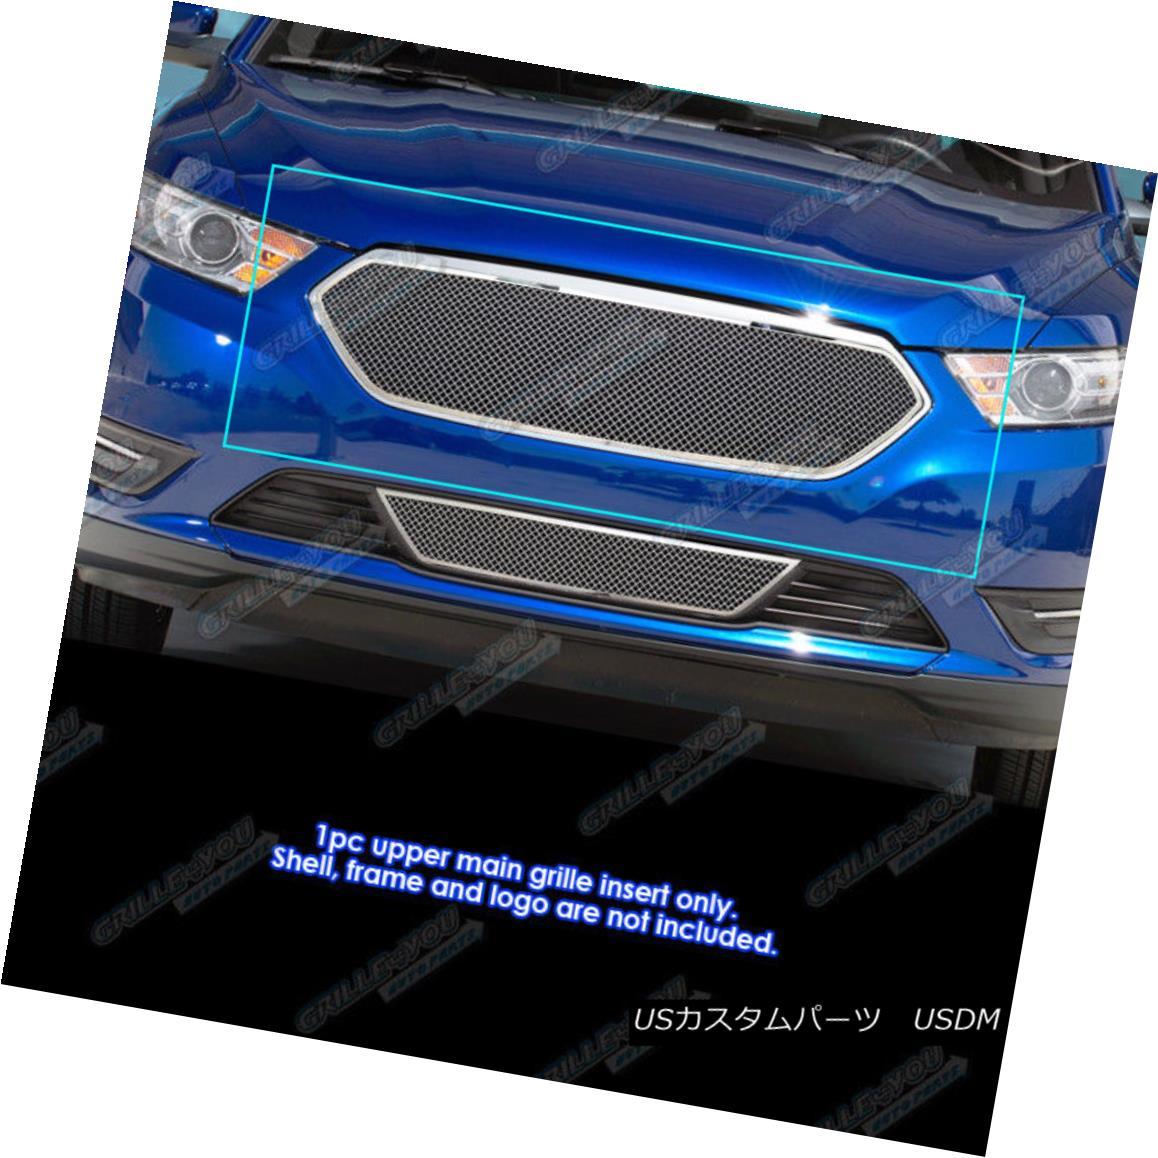 グリル Fits 2013-2018 Ford Taurus W/SHO Logo Cover Stainless Steel Mesh Grille Inserts 2013-2018 Ford Taurus W / SHOロゴカバーステンレスメッシュグリルインサート